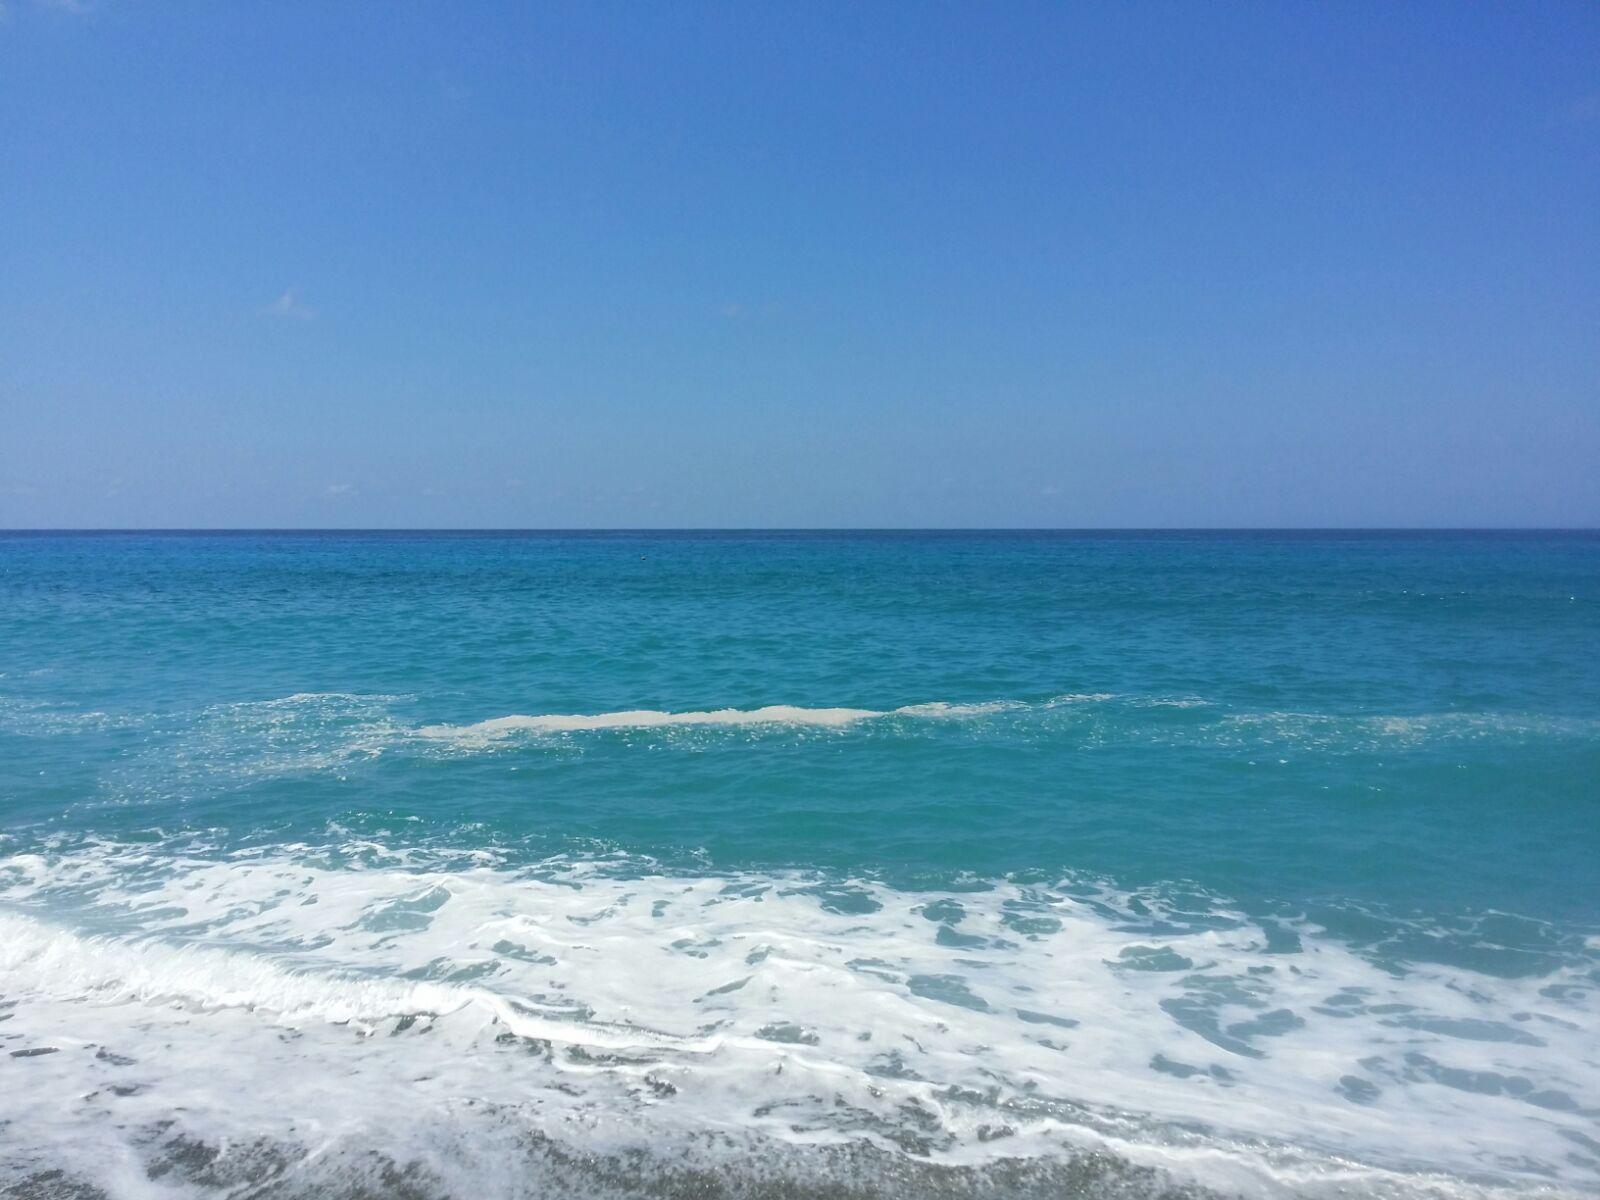 Mare sporco, aumentano le segnalazioni in Calabria  Chiazze in mare di colore scuro e maleodoranti